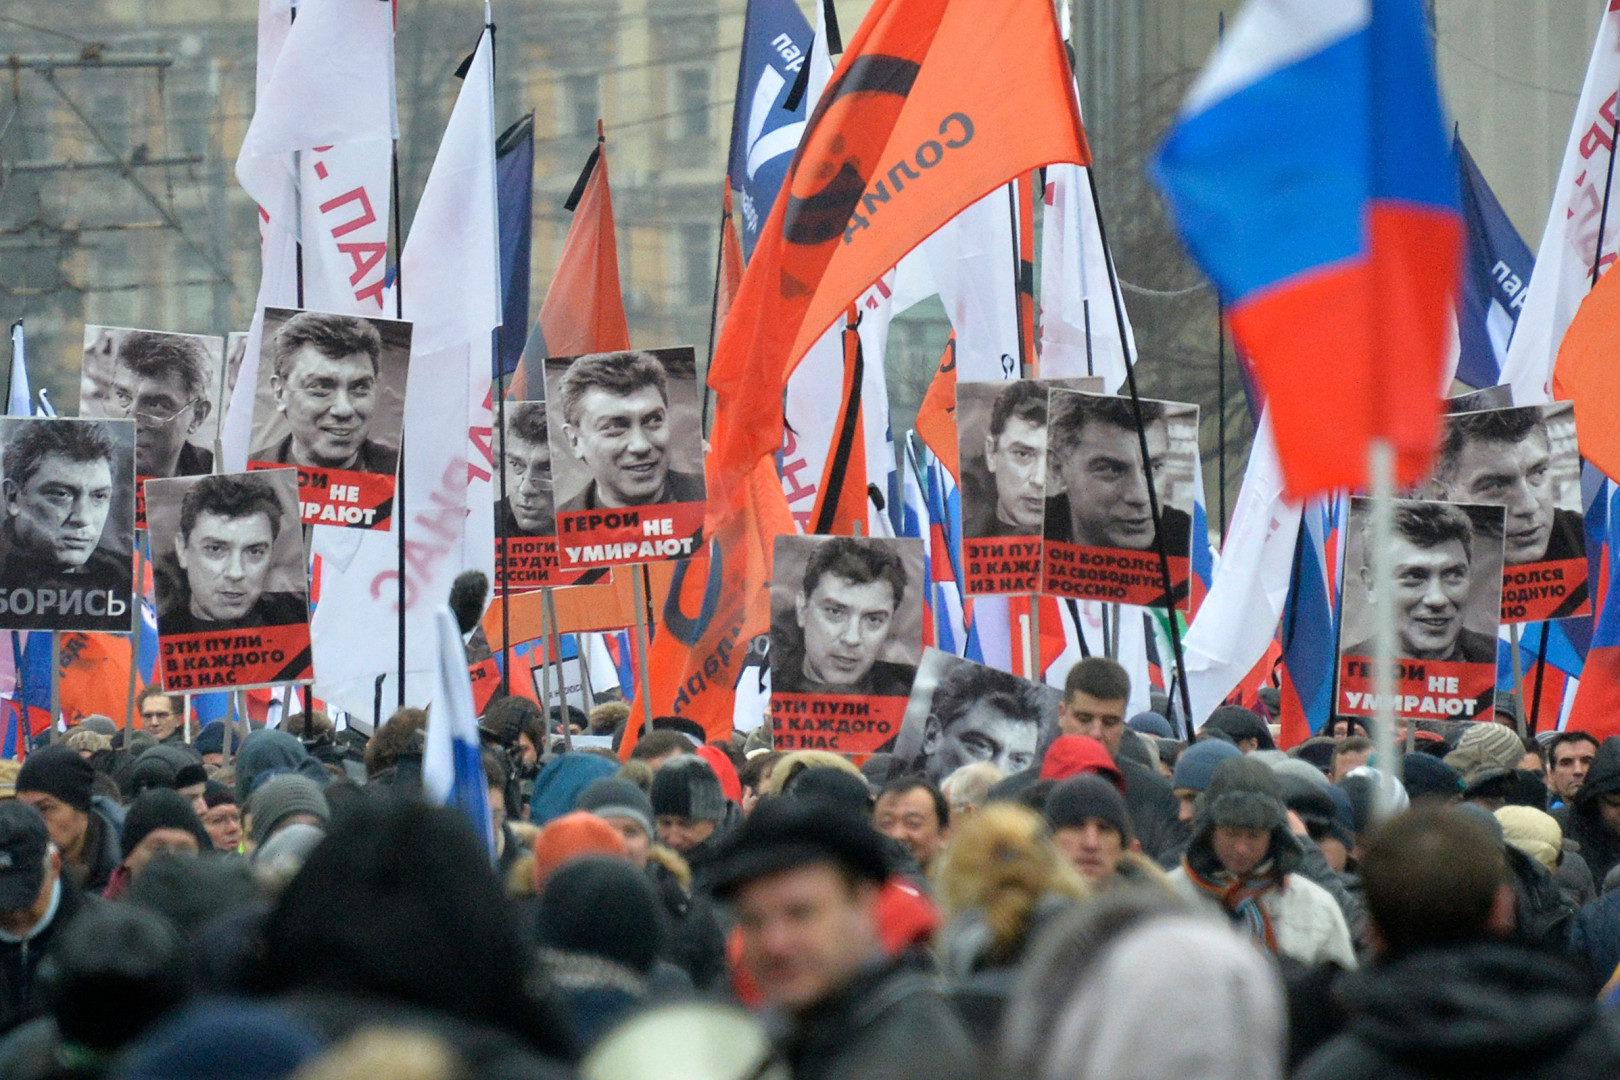 Il y avait plus de 16.000 manifestants selon la police, et plus de 70.000 selon les organisateurs de la marche en mémoire de Boris Nemtsov, le 1er mars, à Moscou.